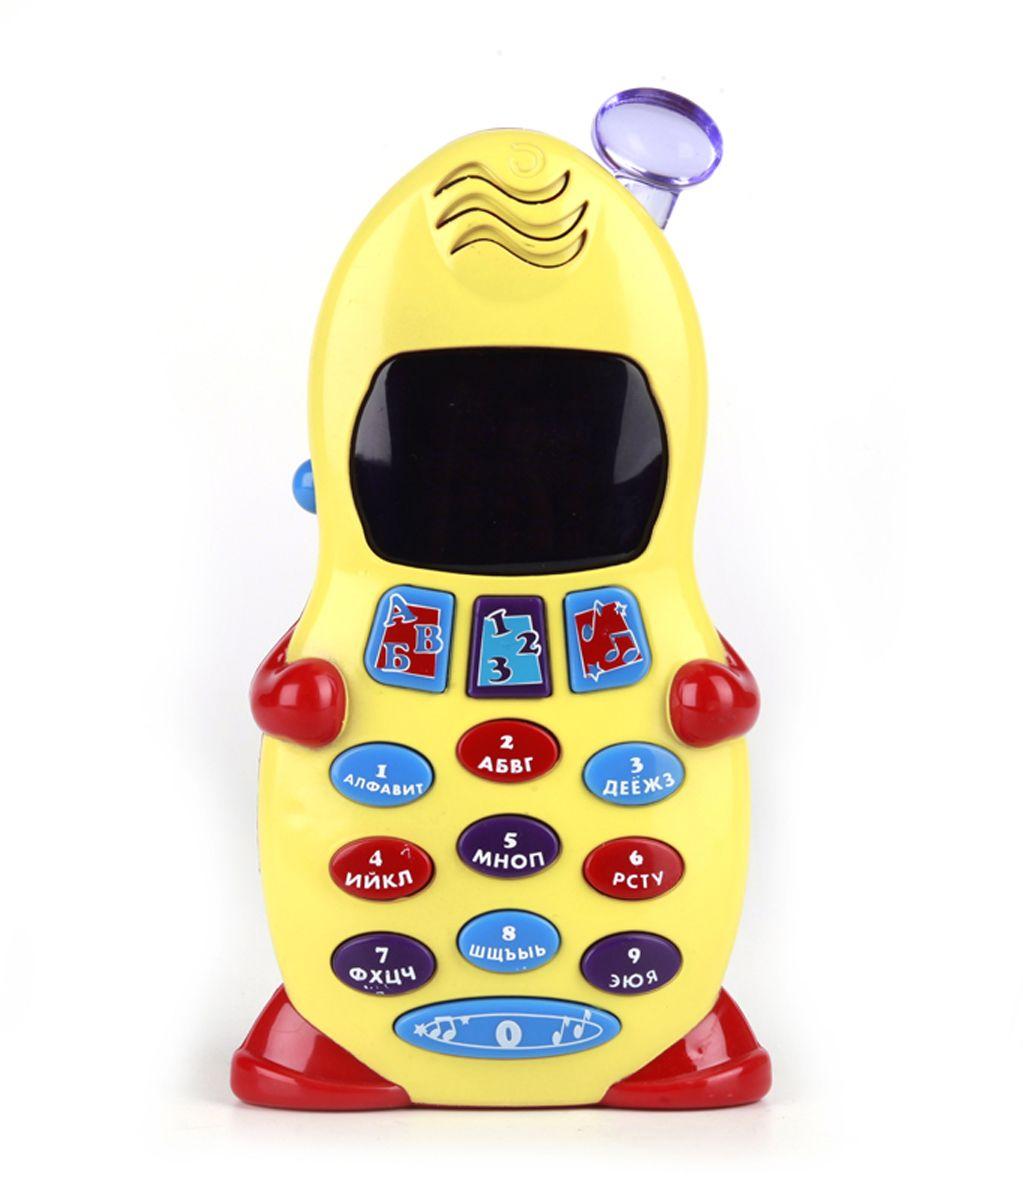 Фото - Электронная игрушка Умка B391566-R2 обучающие программы